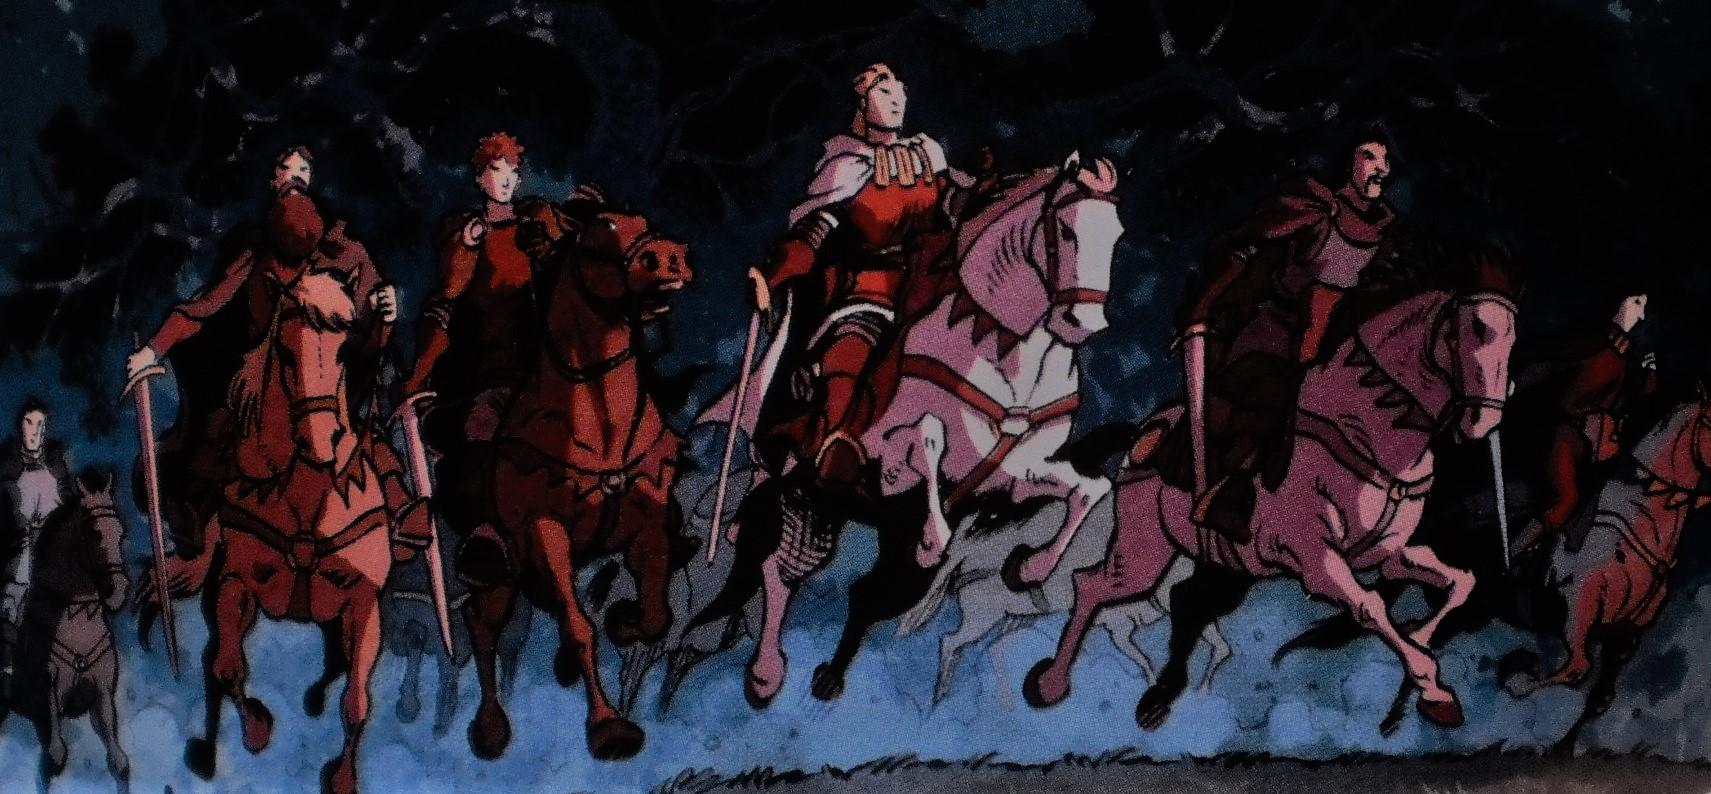 Ridders Aan De Ronde Tafel.De Ridders Van De Ronde Tafel De Rode Ridder Wiki Fandom